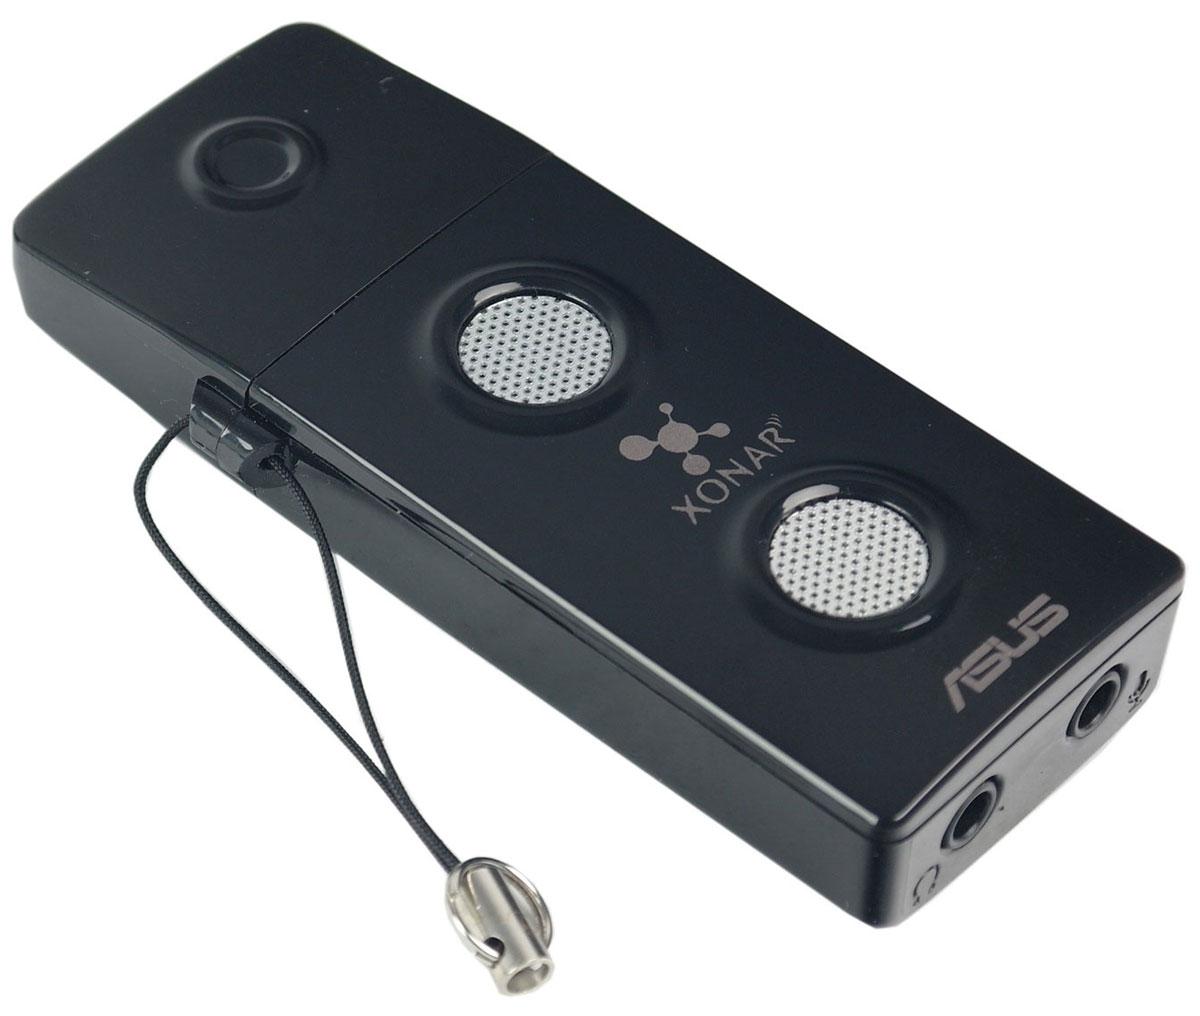 ASUS Xonar U3 звуковая картаXONAR U3Портативная звуковая карта Xonar U3 поможет улучшить звук вашего ноутбука при прослушивании музыки, просмотре фильмов, в играх и при использовании IP-телефонии.Усилитель наушников:Улучшенное качество звука при использовании наушников. Настраиваемый усилитель поможет максимально раскрыть потенциал Ваших наушников.Dolby Home Theater:Качественное пространственное звучание. Xonar U3 представляет собой портативную звуковую карту с интерфейсом USB, которая поддерживает технологии Dolby, направленные на повышение качества звука.GX2.5:Реалистичные звуковые эффекты. Аудиопроцессор с возможностью применения до 128 различных звуковых эффектов одновременно обеспечивает реалистичное пространственное звучание.Звук класса Hi-Fi:Благодаря эксклюзивной технологии Hyper Grounding обеспечивается отделение аудиосигнала от источников шума.